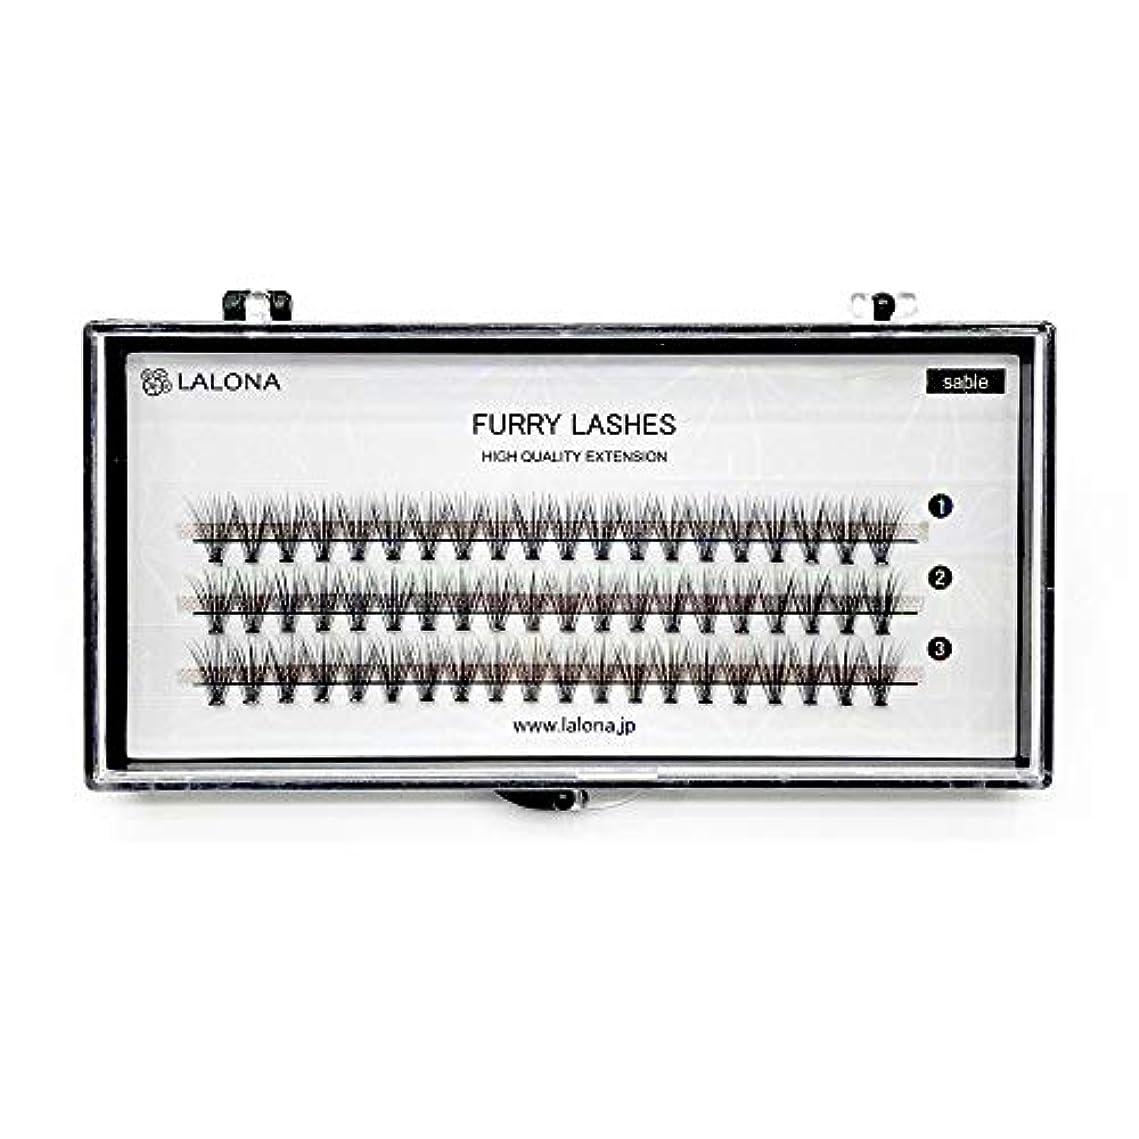 エステートホバー探偵LALONA [ ラローナ ] ファーリーラッシュ (30D) (60pcs) まつげエクステ 30本束 フレアラッシュ まつエク マツエク 束まつげ セーブル (0.05 / MIX)